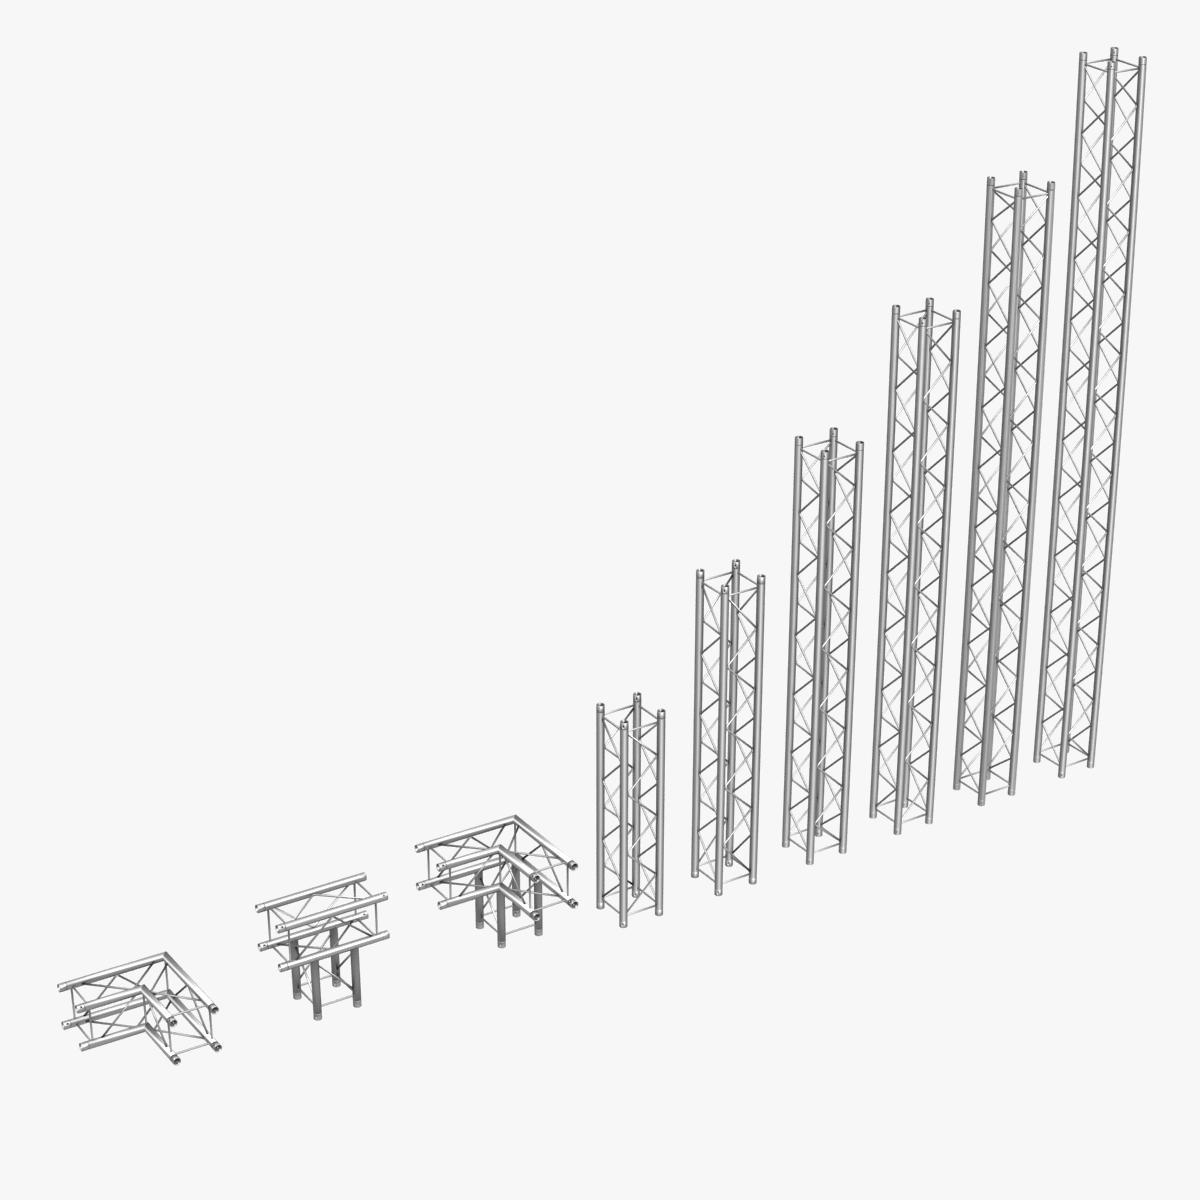 vieglās kvadrātveida kopnes (kolekcija 9 moduļu) 3d modelis 3ds max dxf fbx c4d dae text wrl wrz obj citas 268516